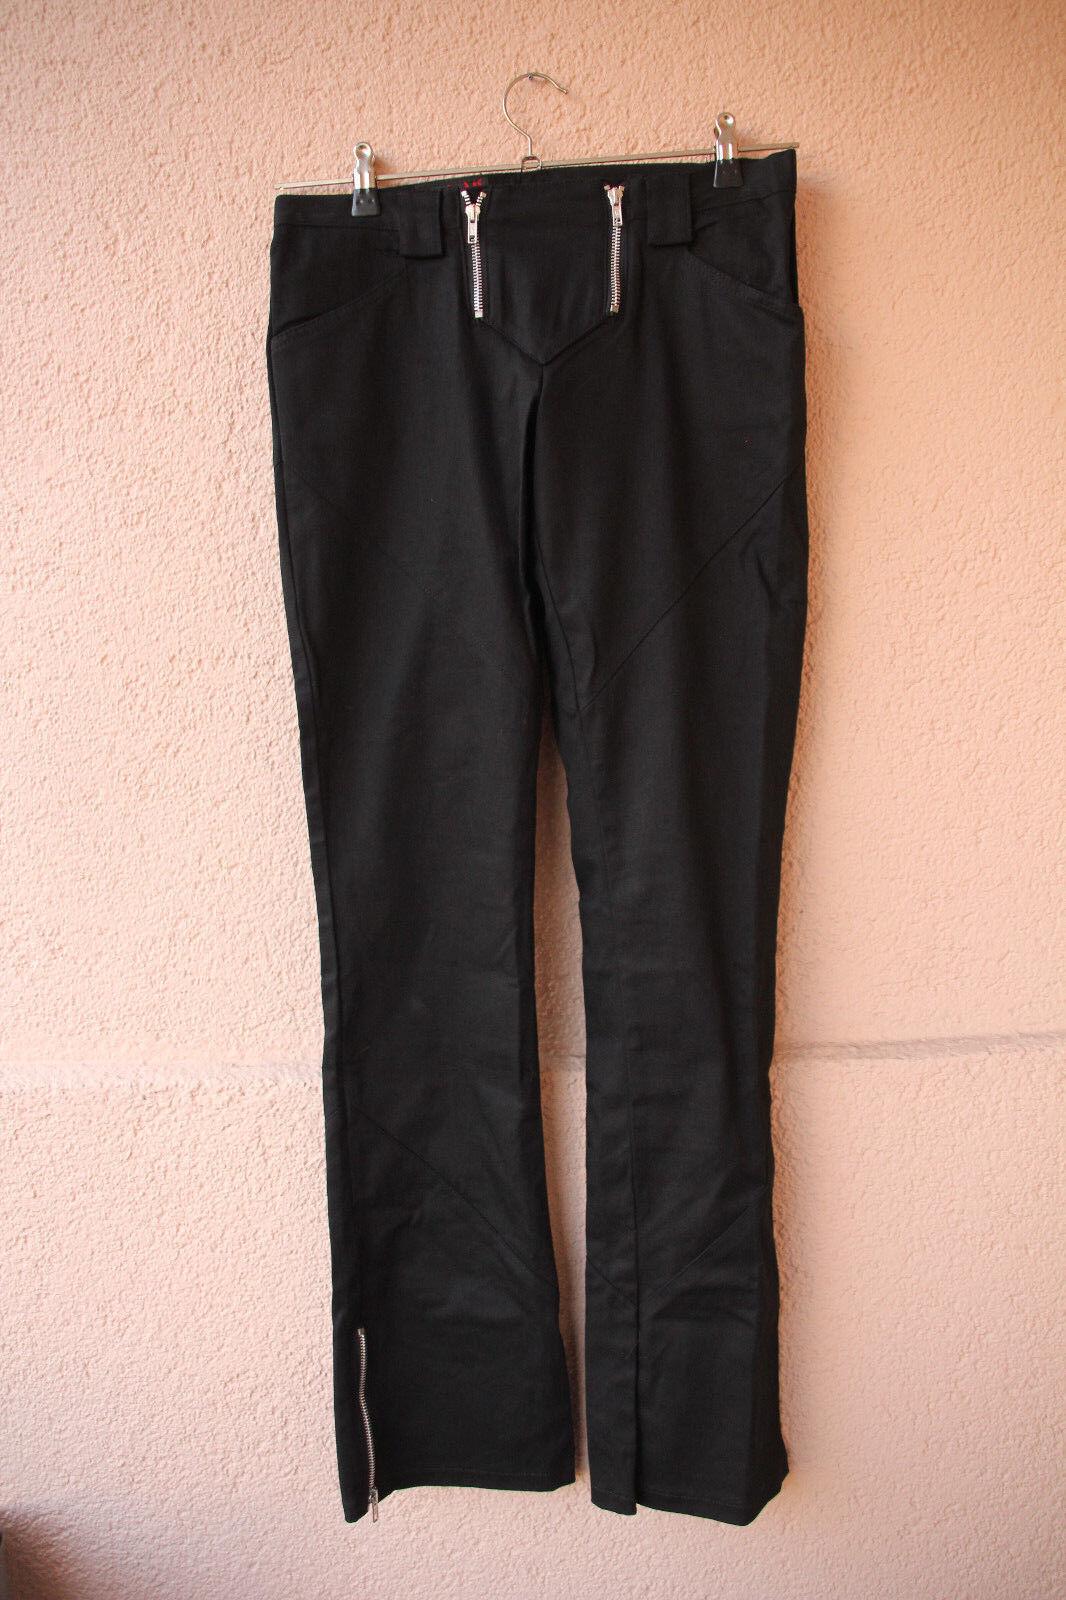 Aderlass-Hose zwei Reißverschlüsse vorn, black, Größe 28 (Gothic Punk)